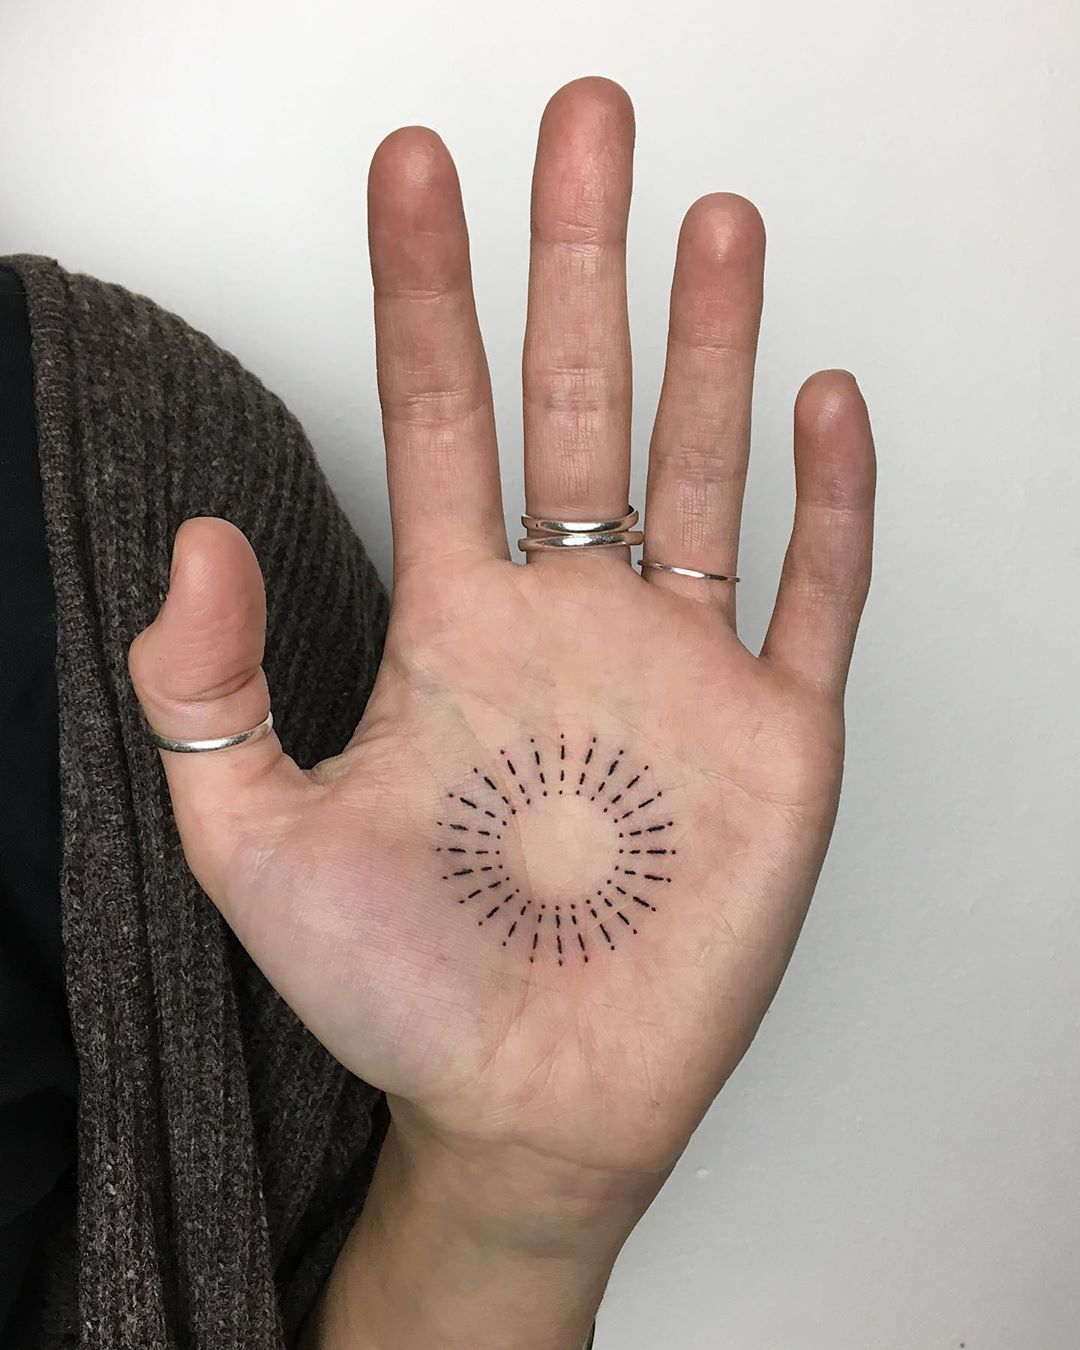 """Handpoked Tattoos on Instagram: """"🌞 del cielo @camileonaire . . #handpoke#stickandpoke#londontattoo#handpoketattoo#tattoo#tttism#handtattoo #palmtattoo"""" #bestetatoeage #tattoomodellen"""